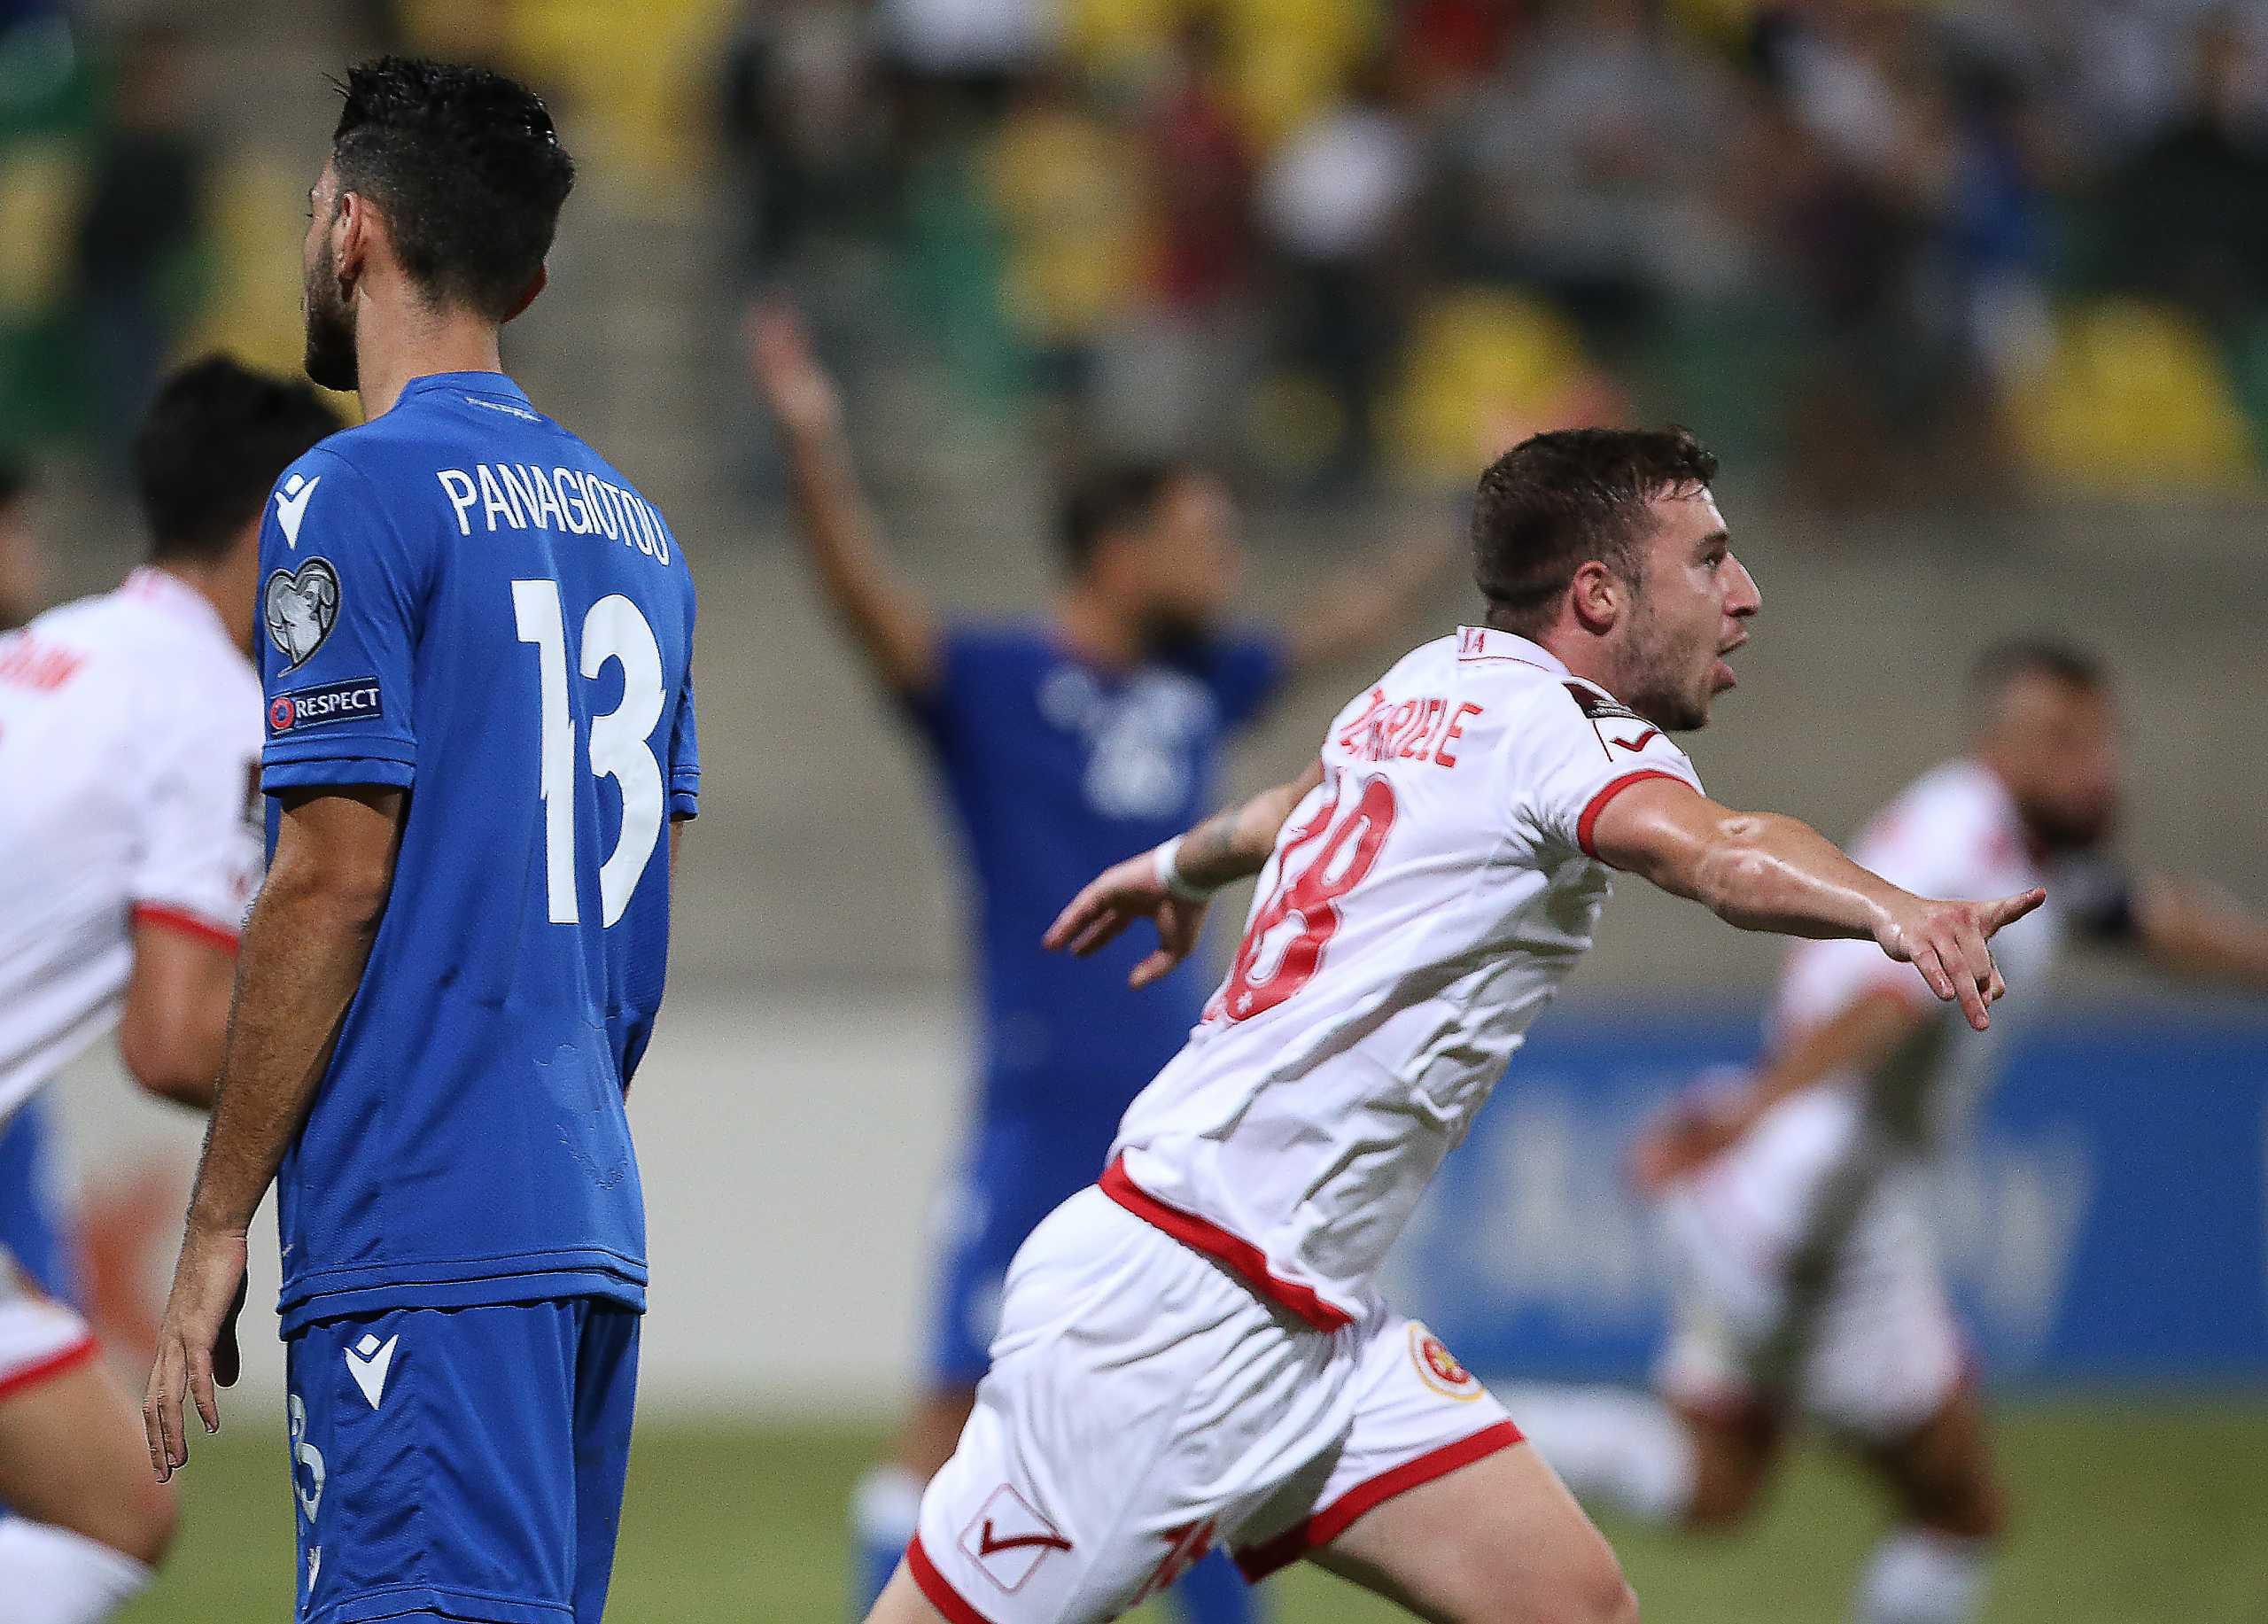 Προκριματικά Μουντιάλ 2022, Κύπρος – Μάλτα 2-2: Η νίκη χάθηκε στο 90+8′